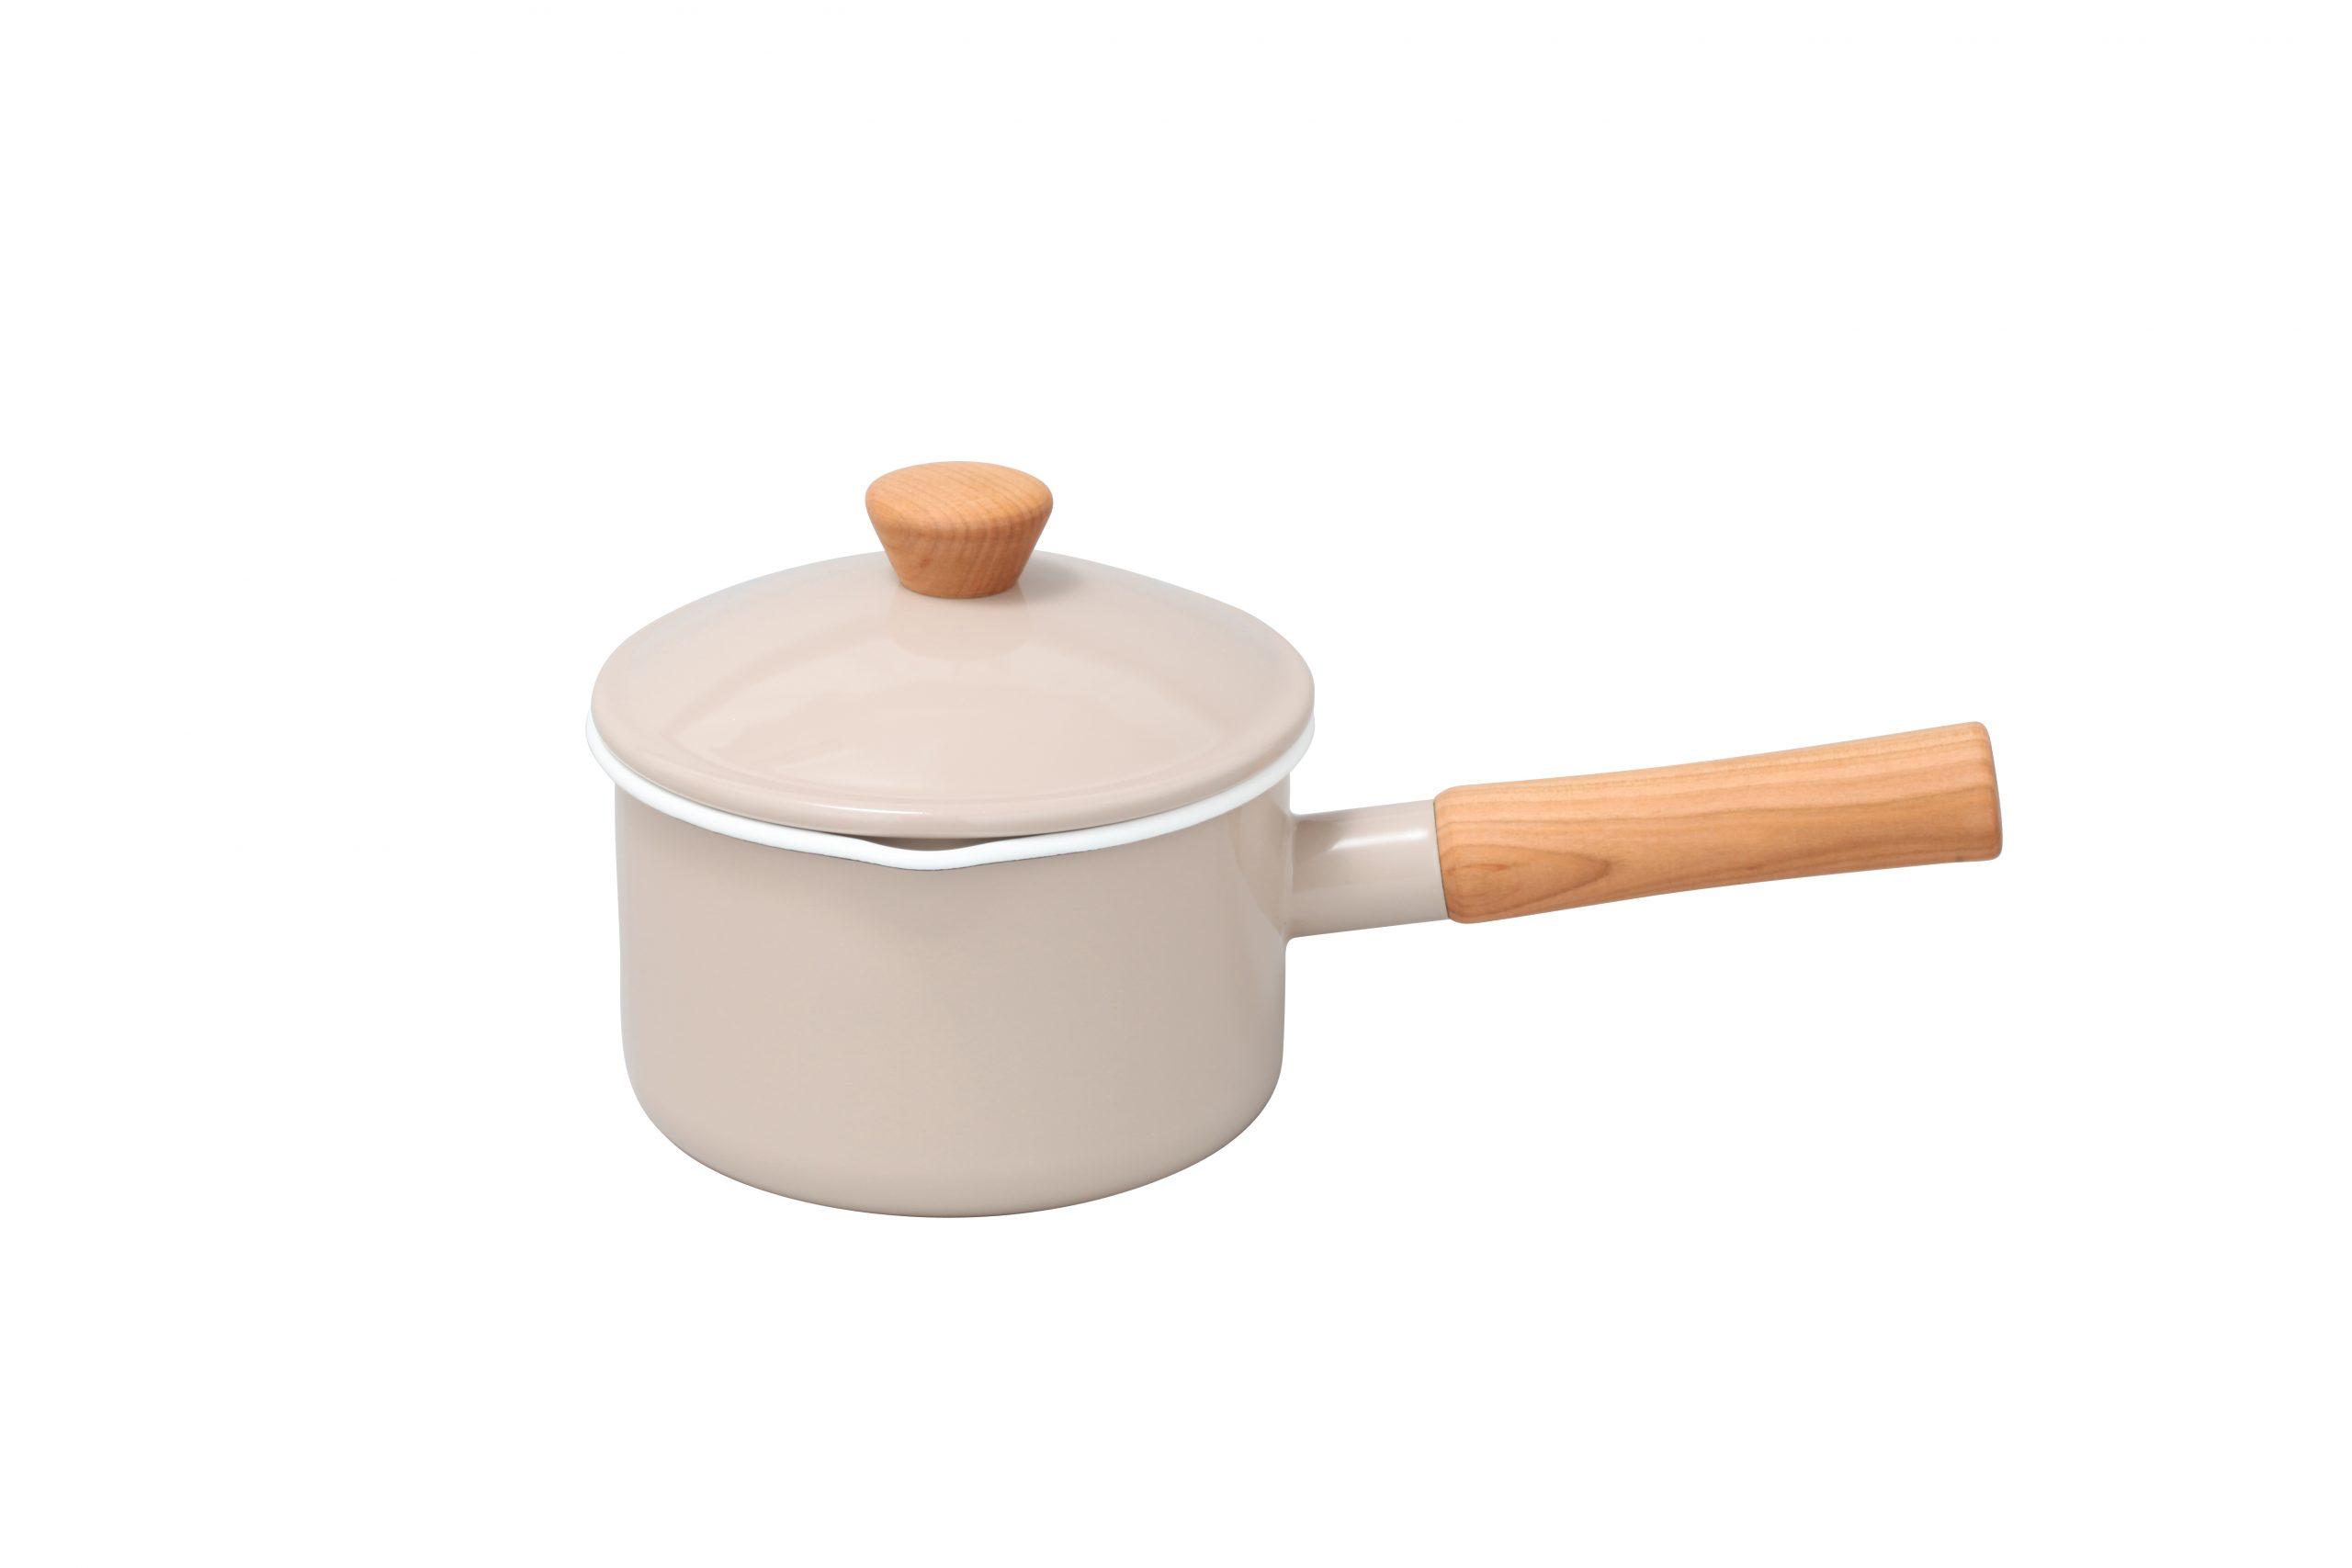 野田琺瑯/クルール ソースパン 14cm/3,850円